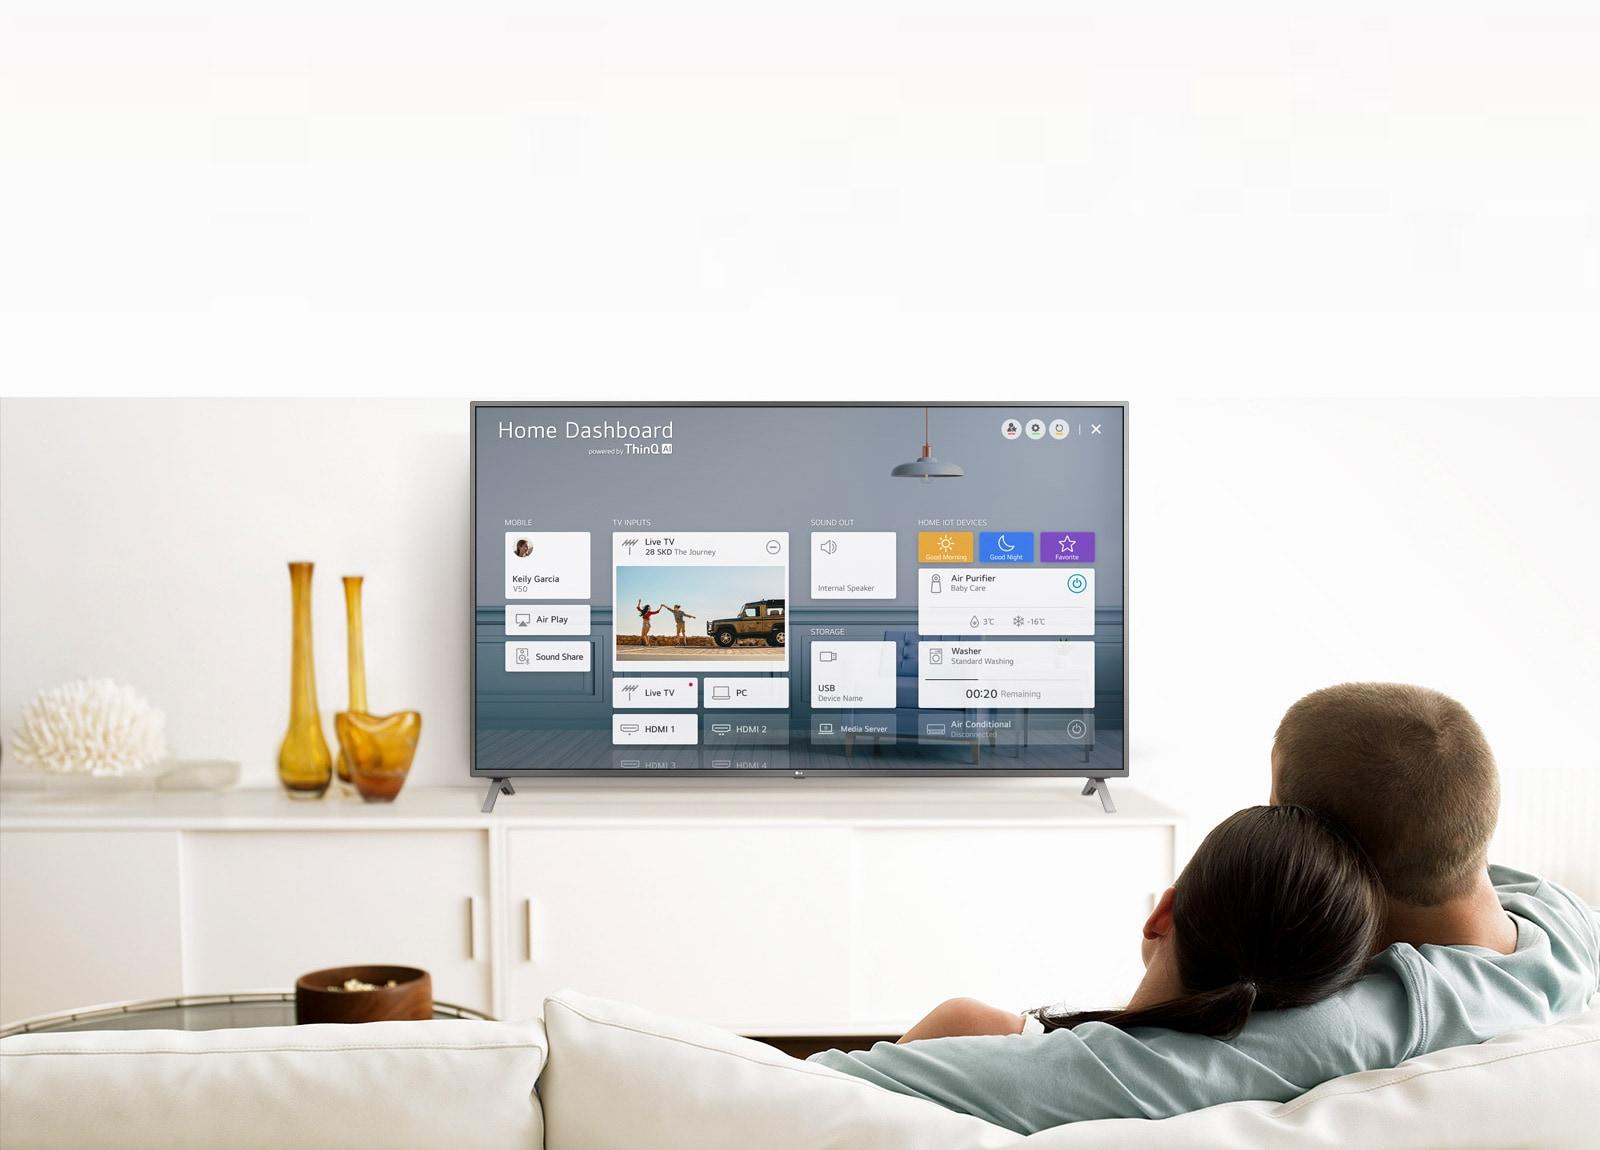 Мужчина и женщина сидят на диване в гостиной перед телевизором, на котором показана панель управления бытовой техникой.